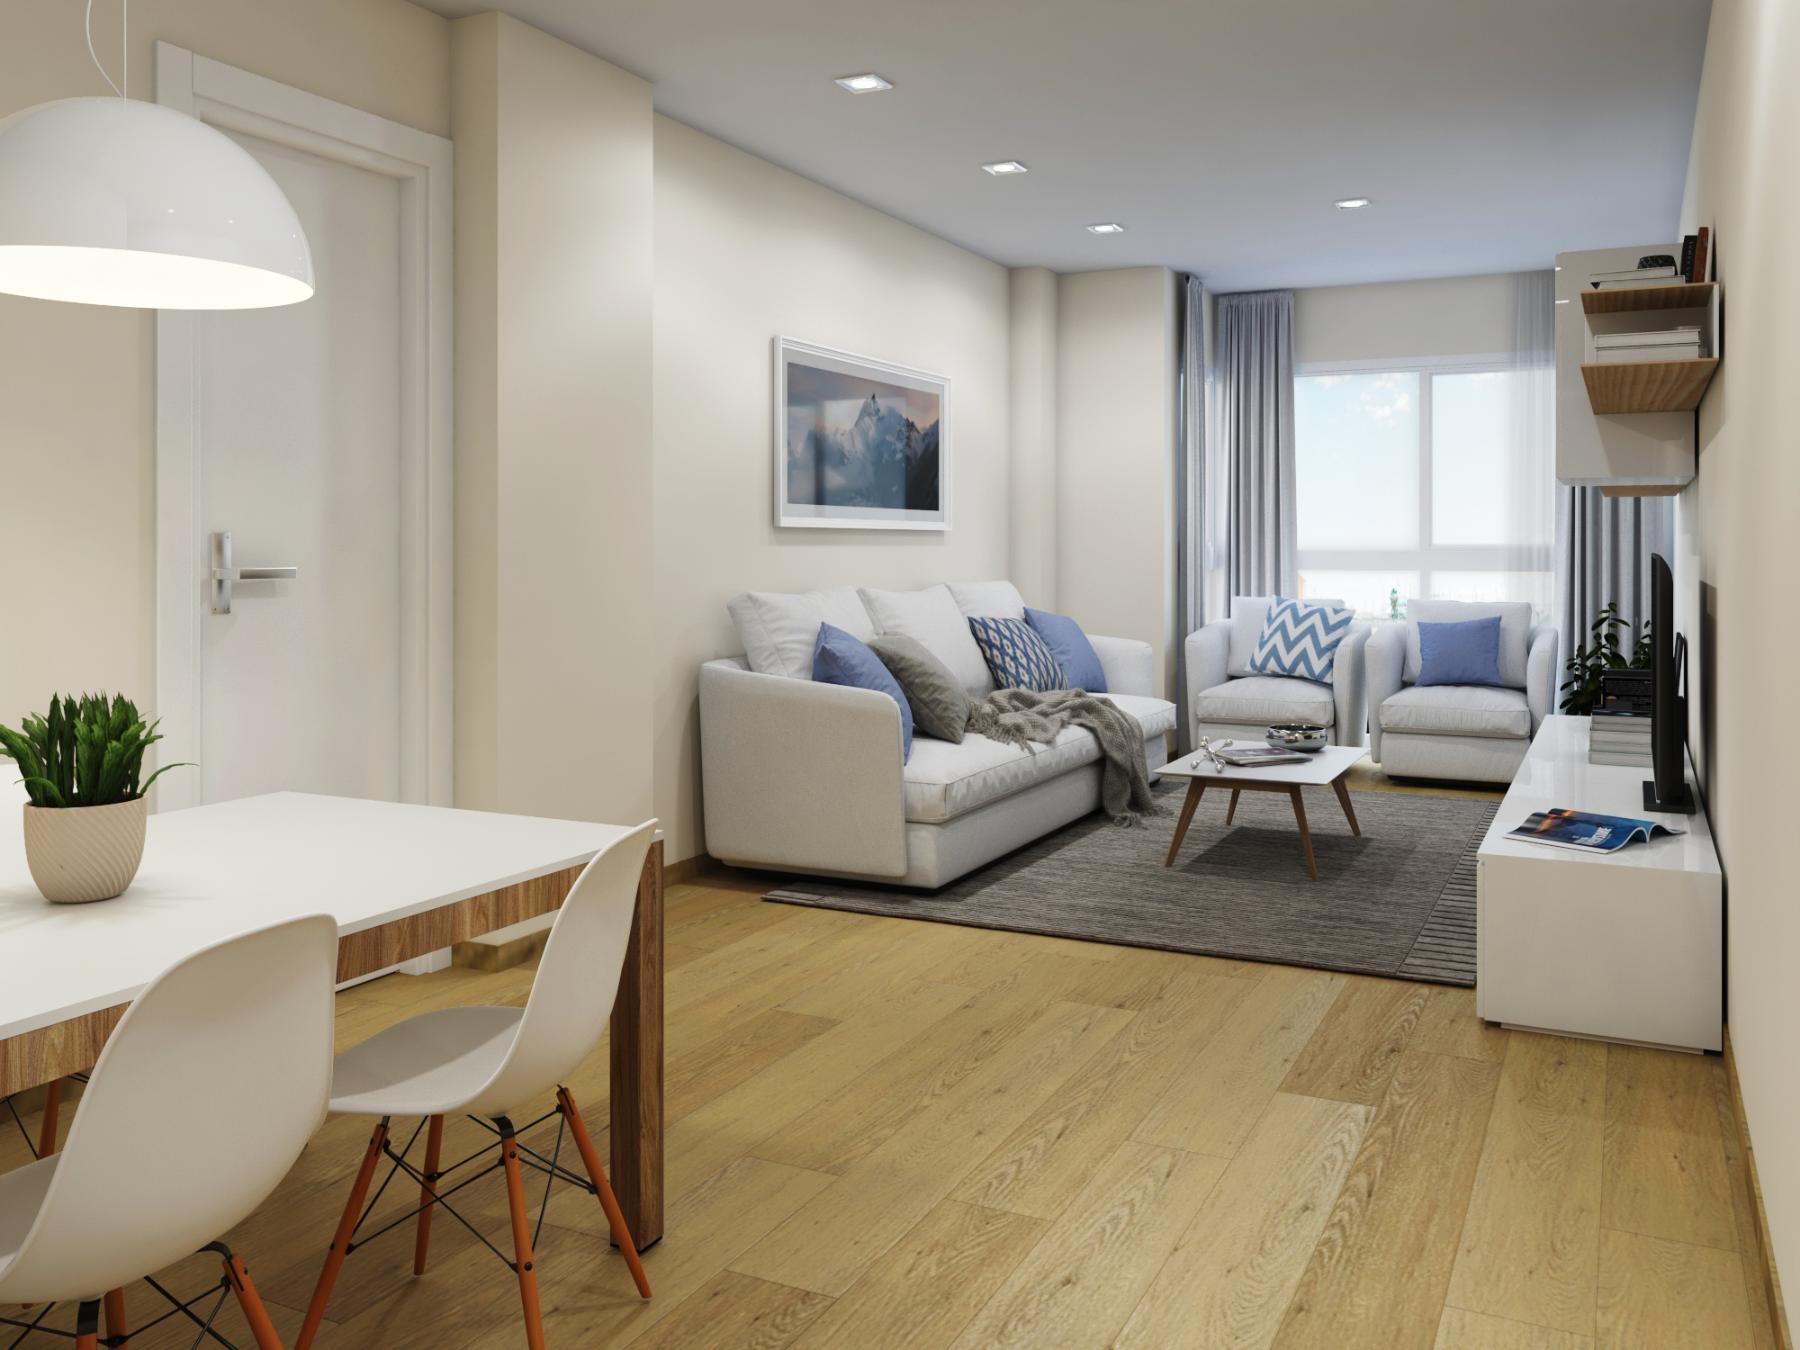 Piso en venta en Valencia, Valencia, Calle Juan Jose Sister, 232.500 €, 4 habitaciones, 2 baños, 122 m2